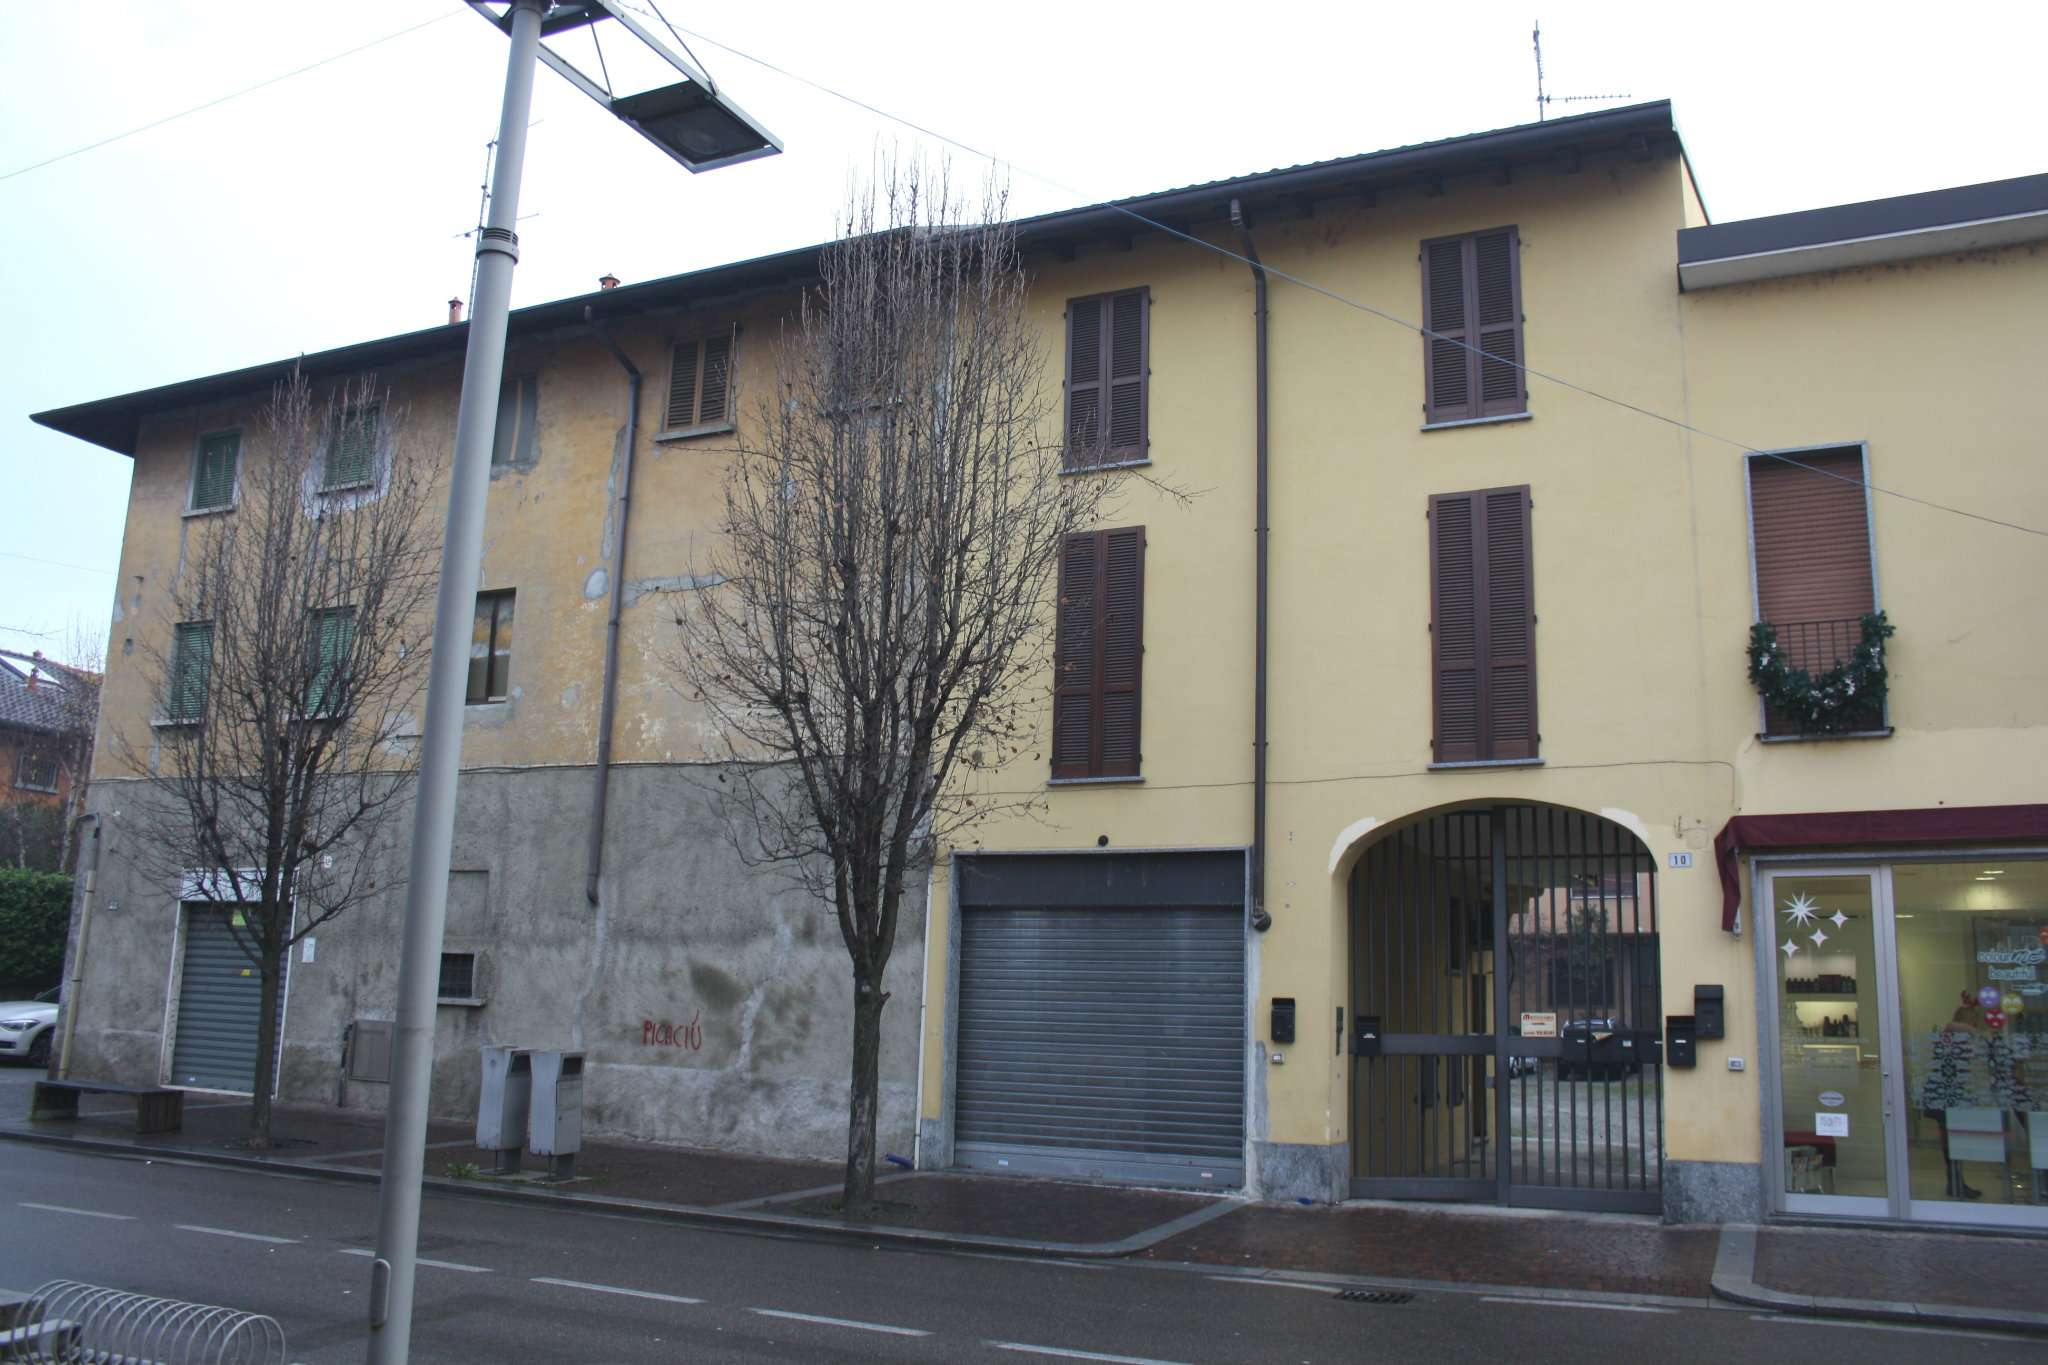 Negozio / Locale in affitto a Cesano Maderno, 2 locali, prezzo € 600 | Cambio Casa.it